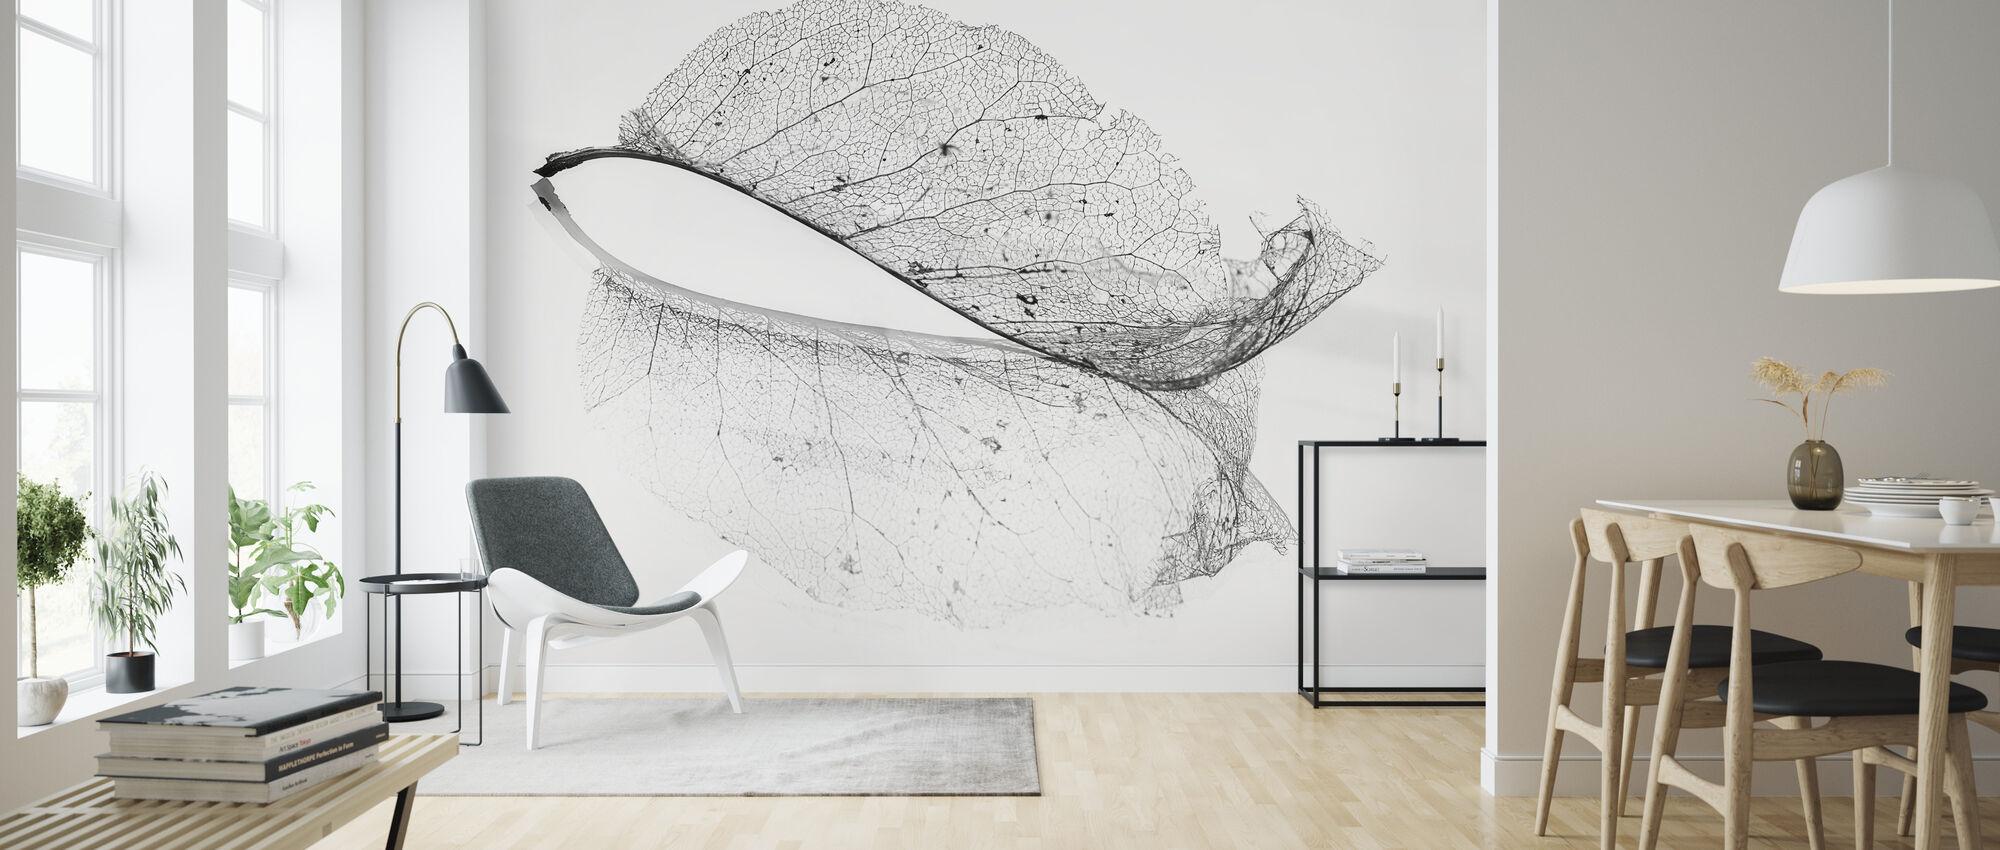 Old Leaf - Wallpaper - Living Room